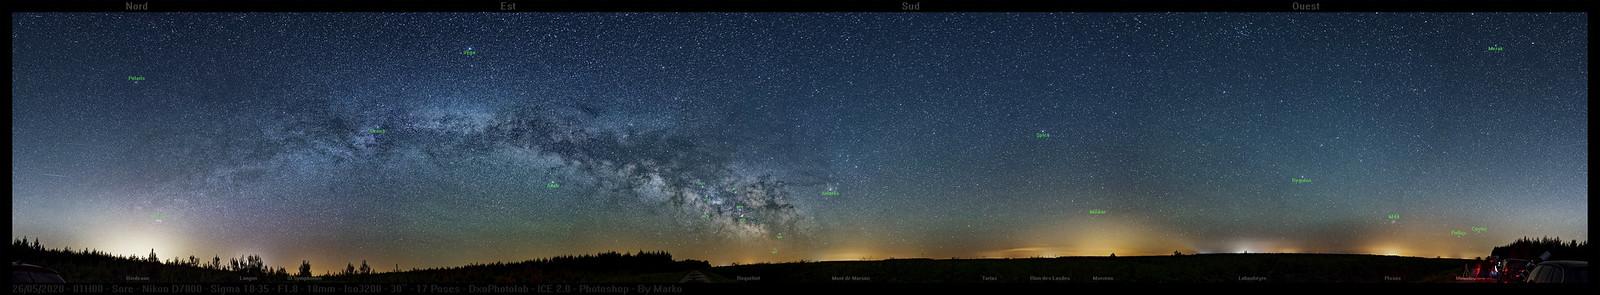 Voie Lactée - Page 9 49943981243_3623bddd1d_h